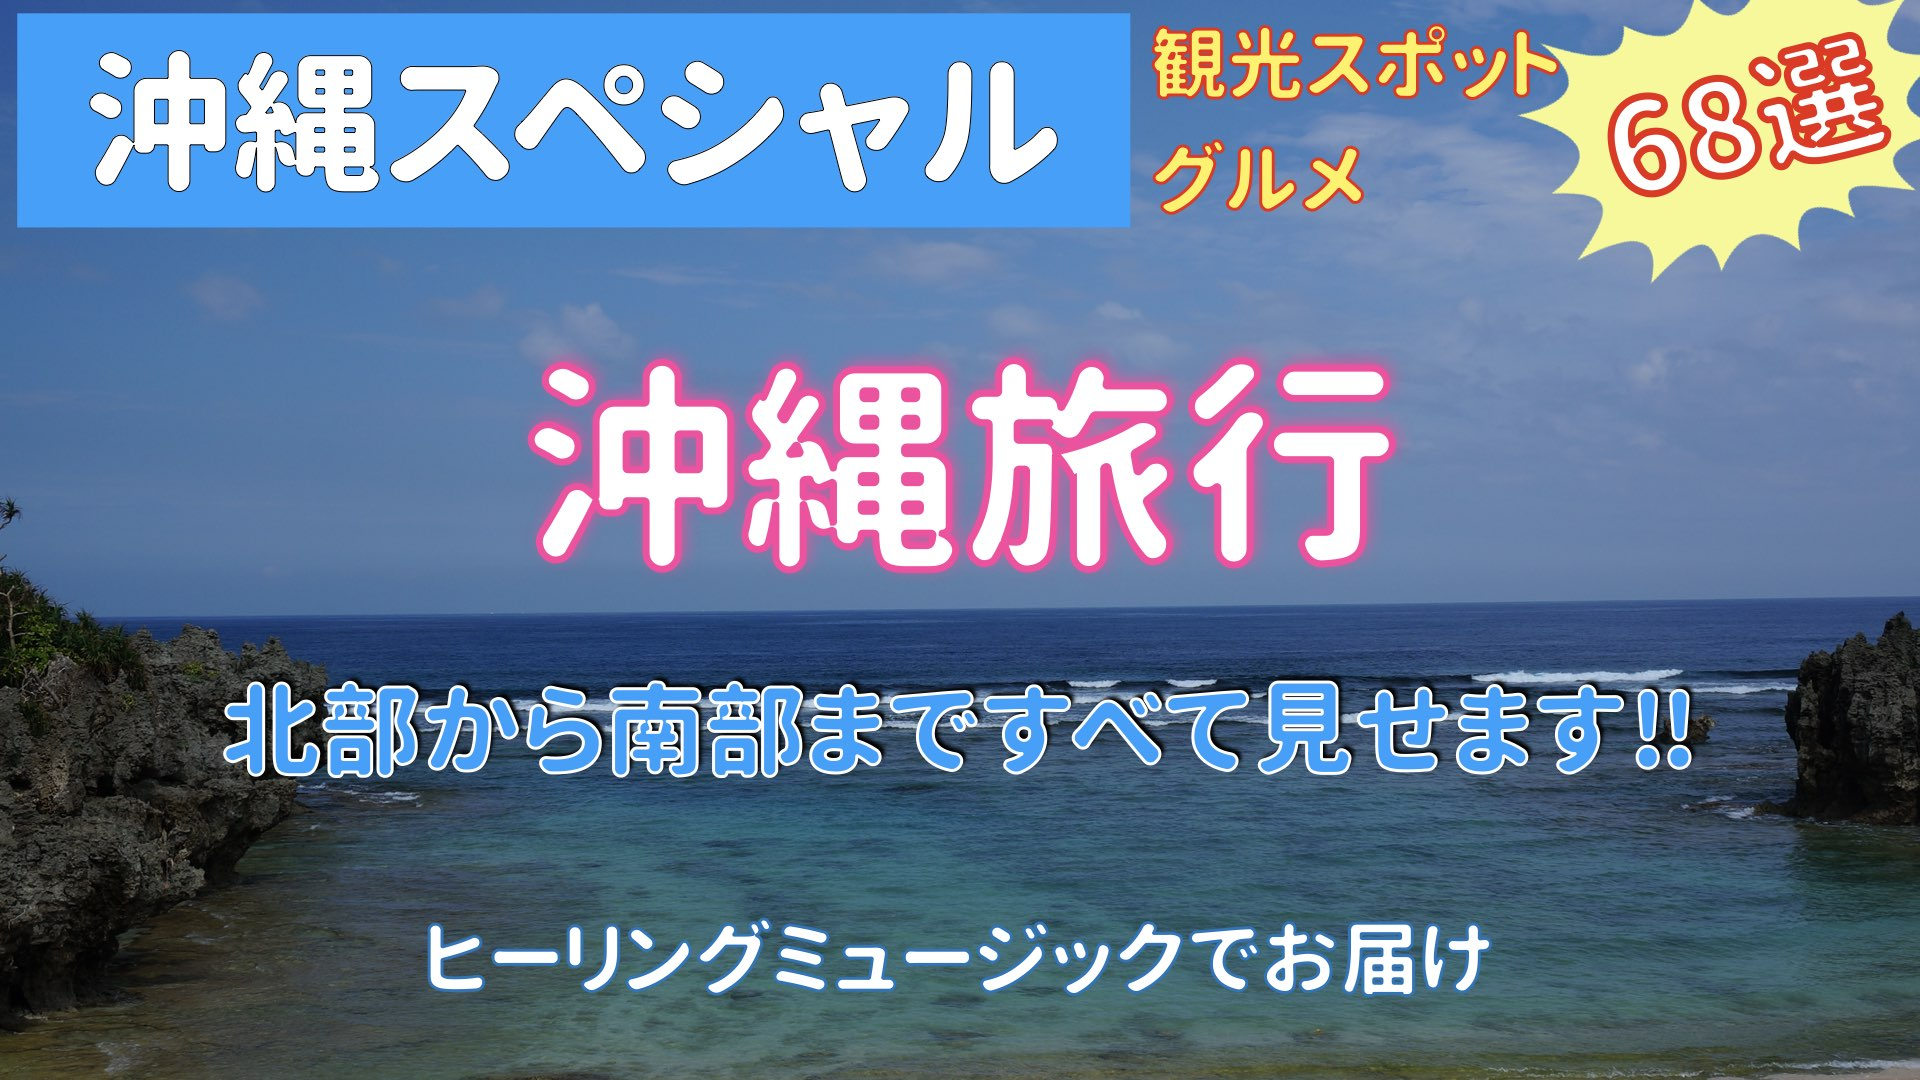 沖縄旅行本島のおすすめベスト50 観光スポット、グルメを北部から南部まですべて見せます!